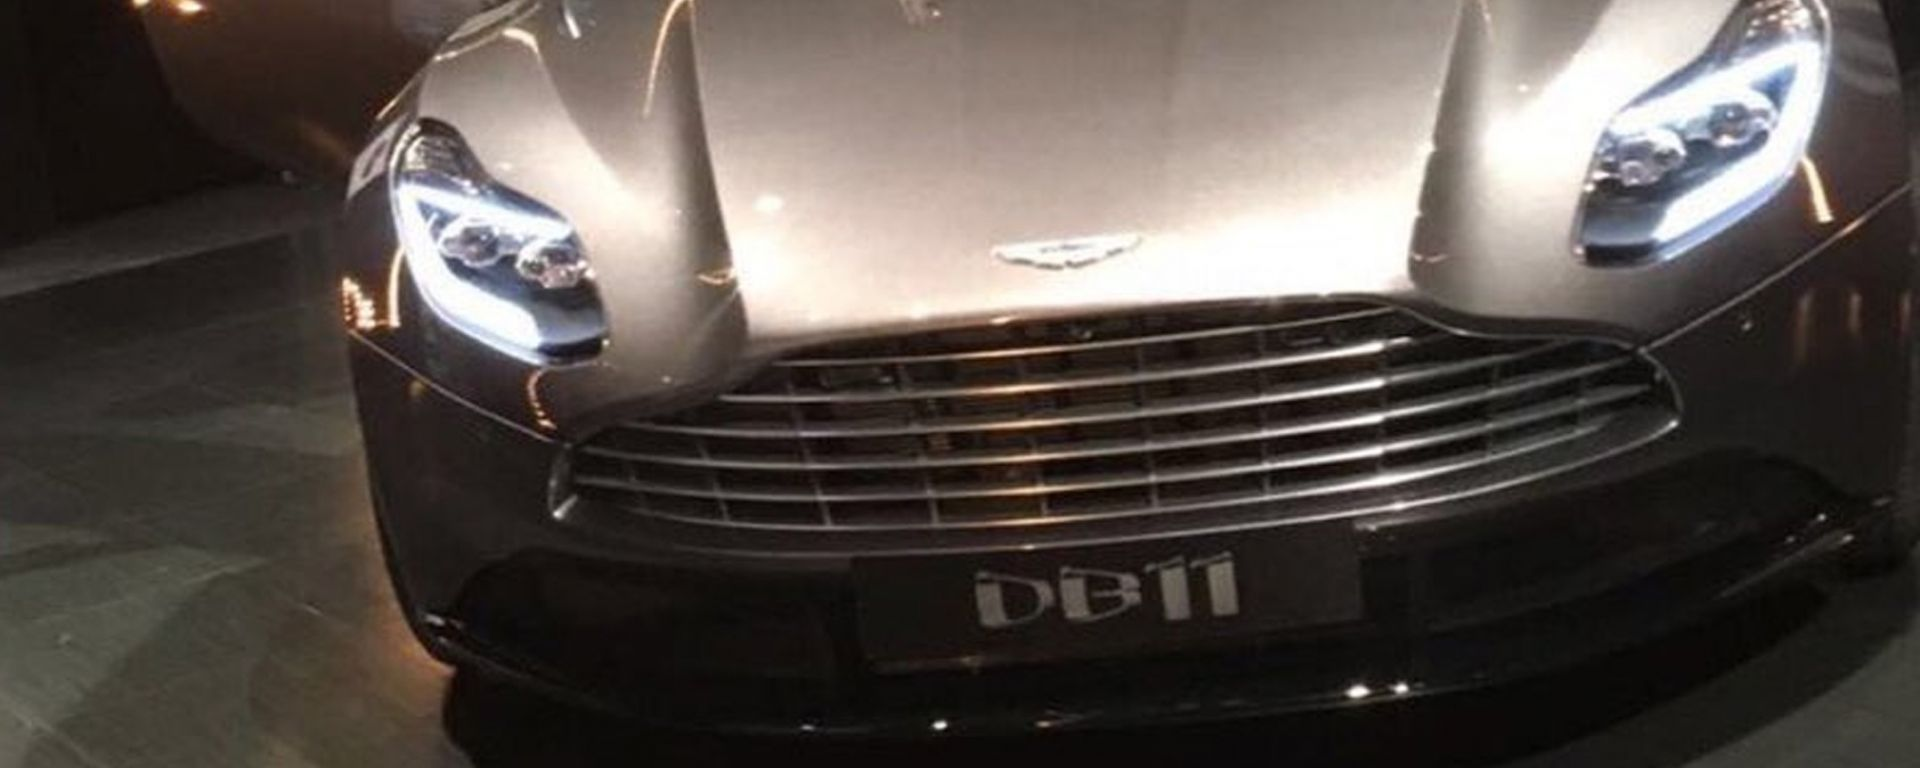 Aston Martin DB11: le foto rubate